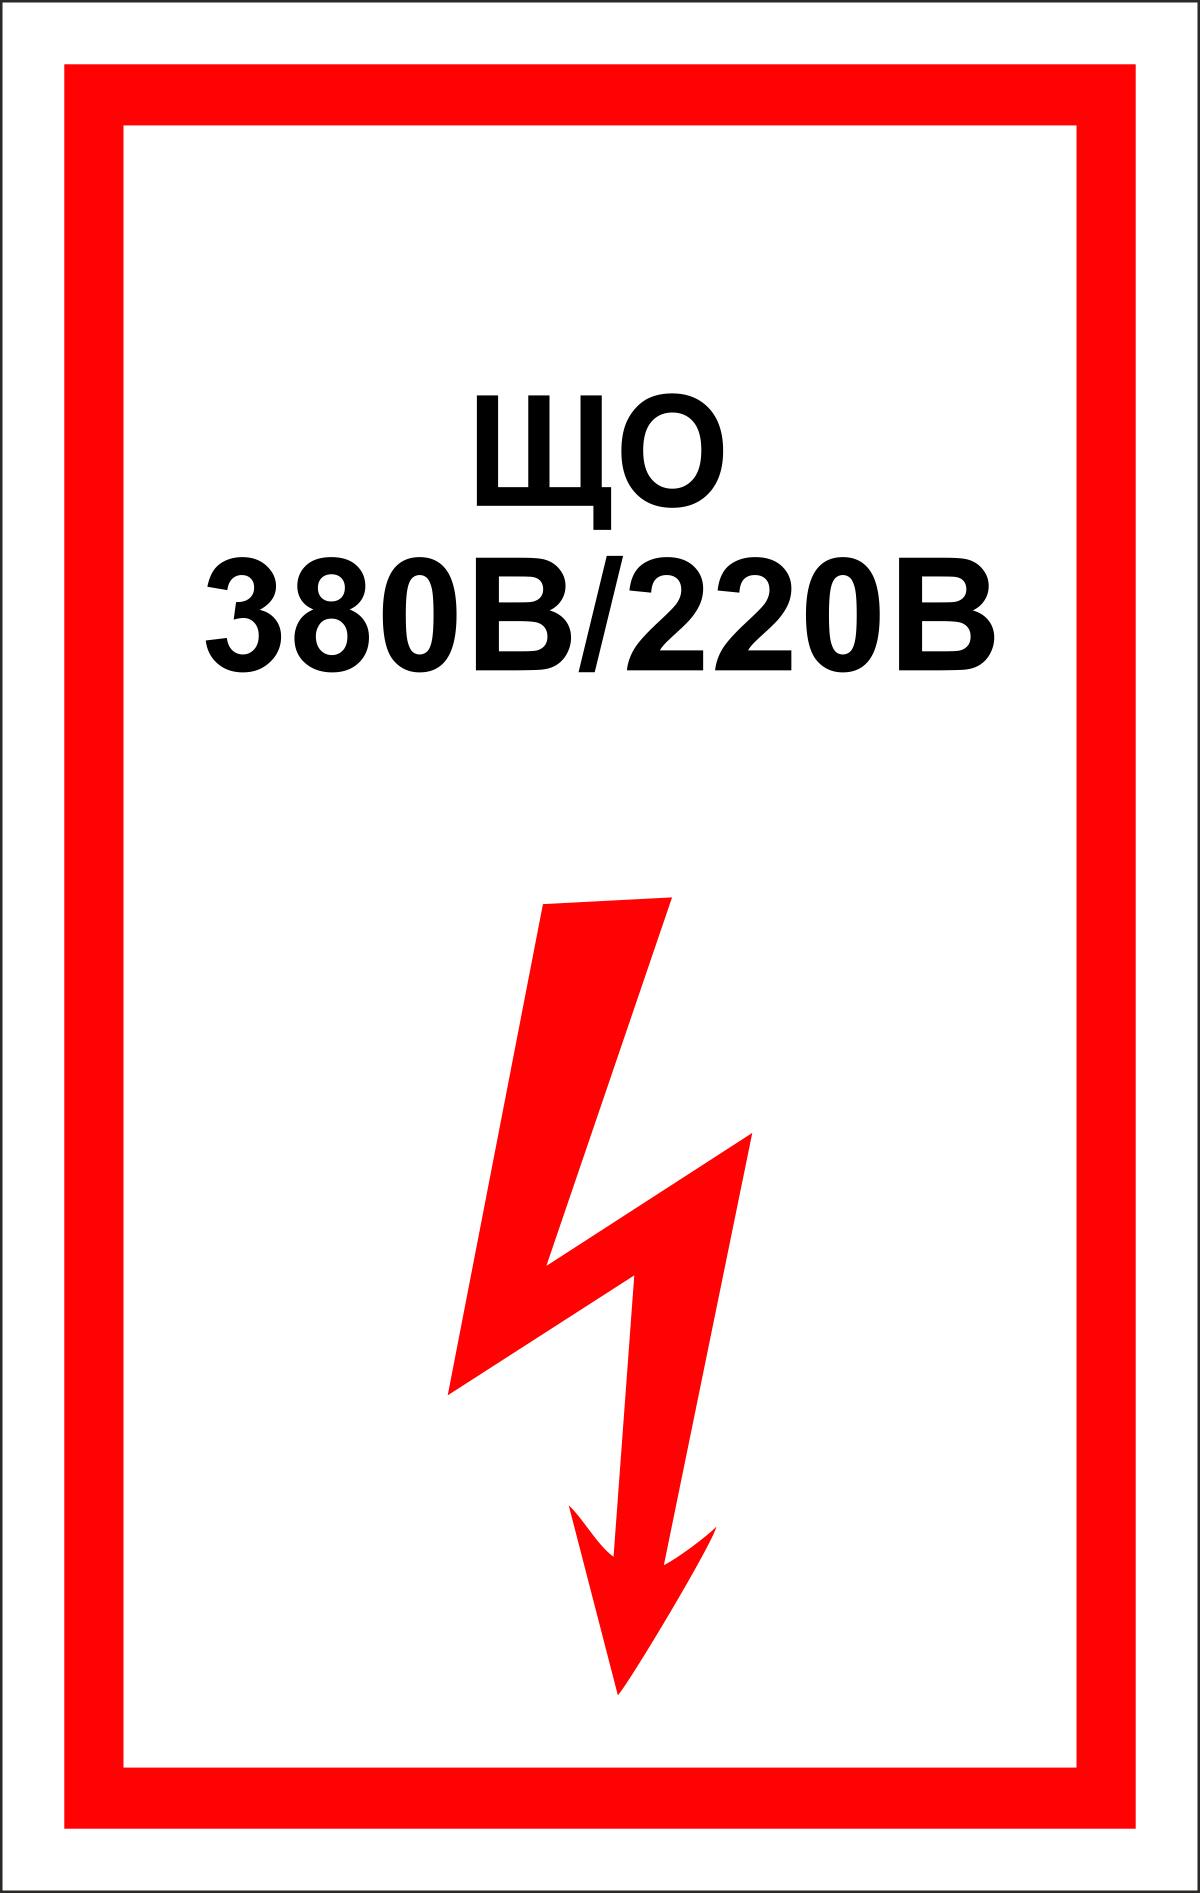 Наклейка информационная Оранжевый Слоник ЩО 380В/220В, 15 х 15 см